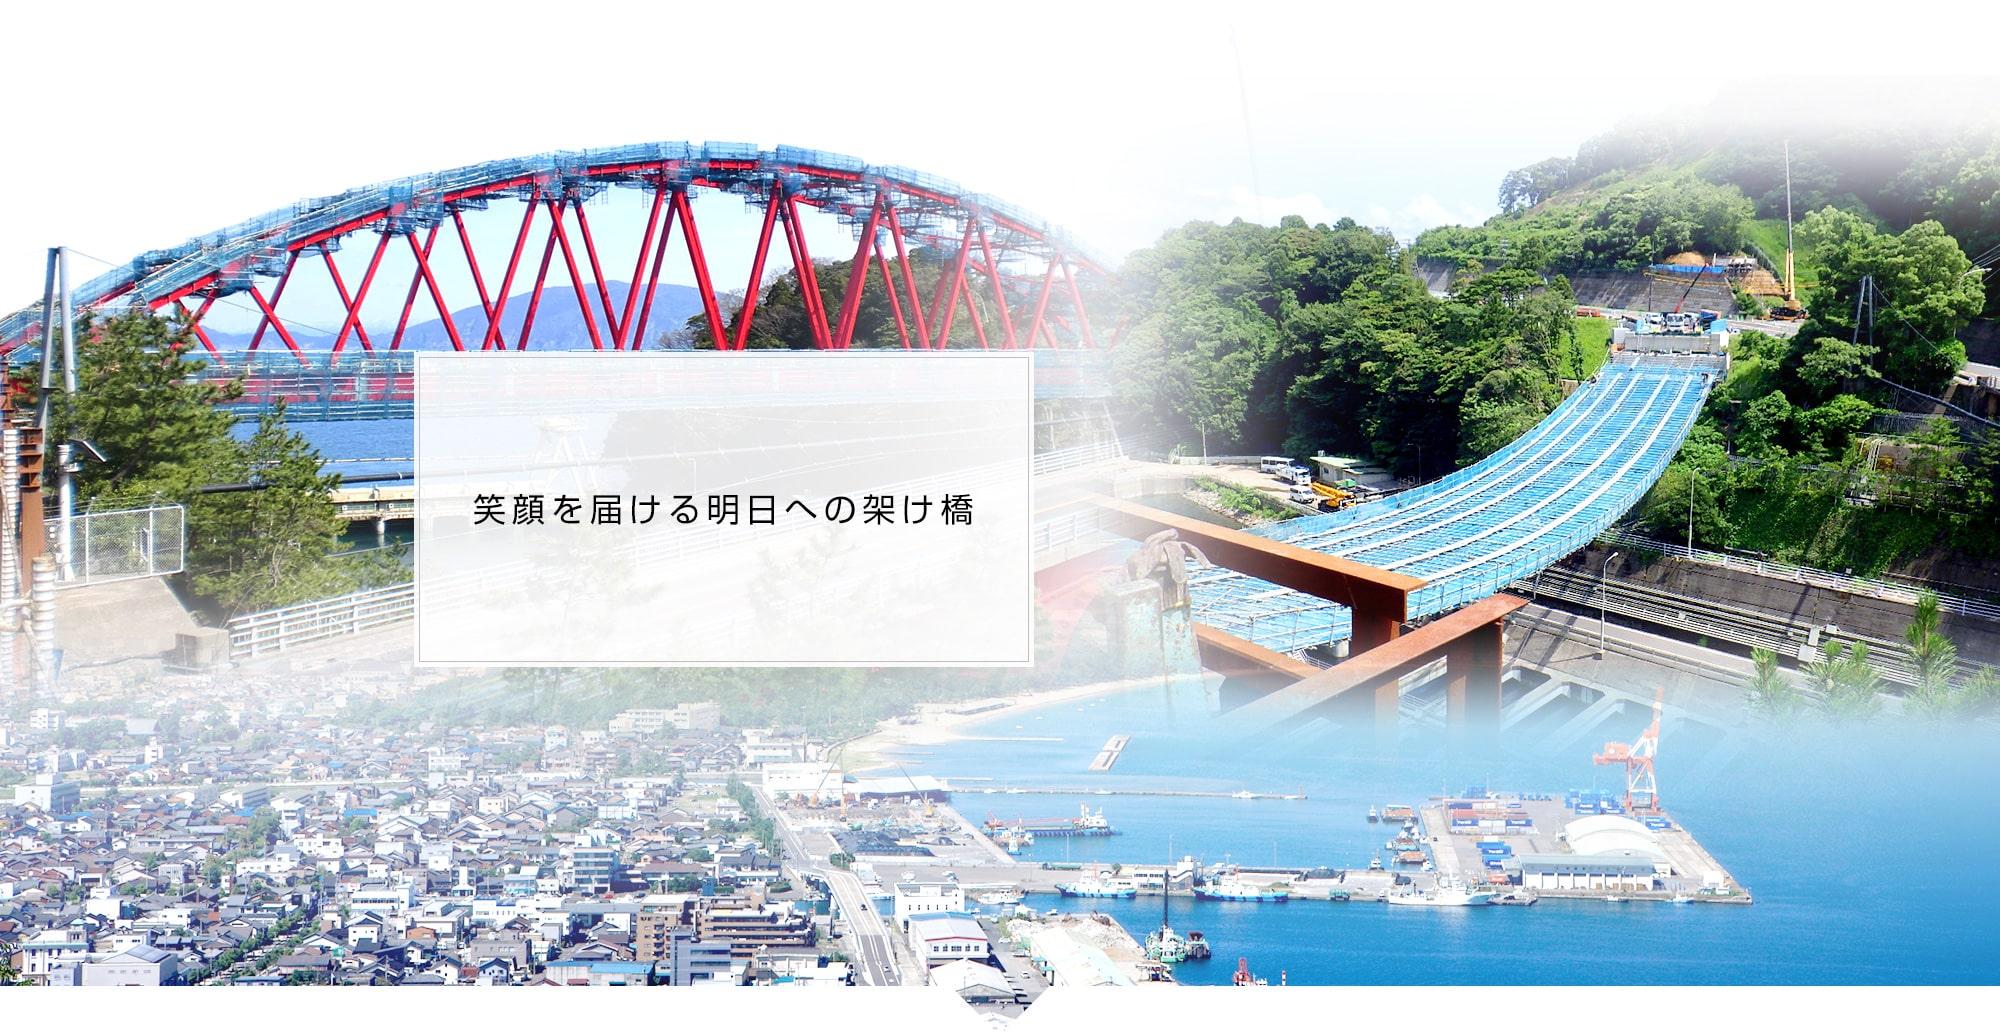 笑顔を届ける明日への架け橋